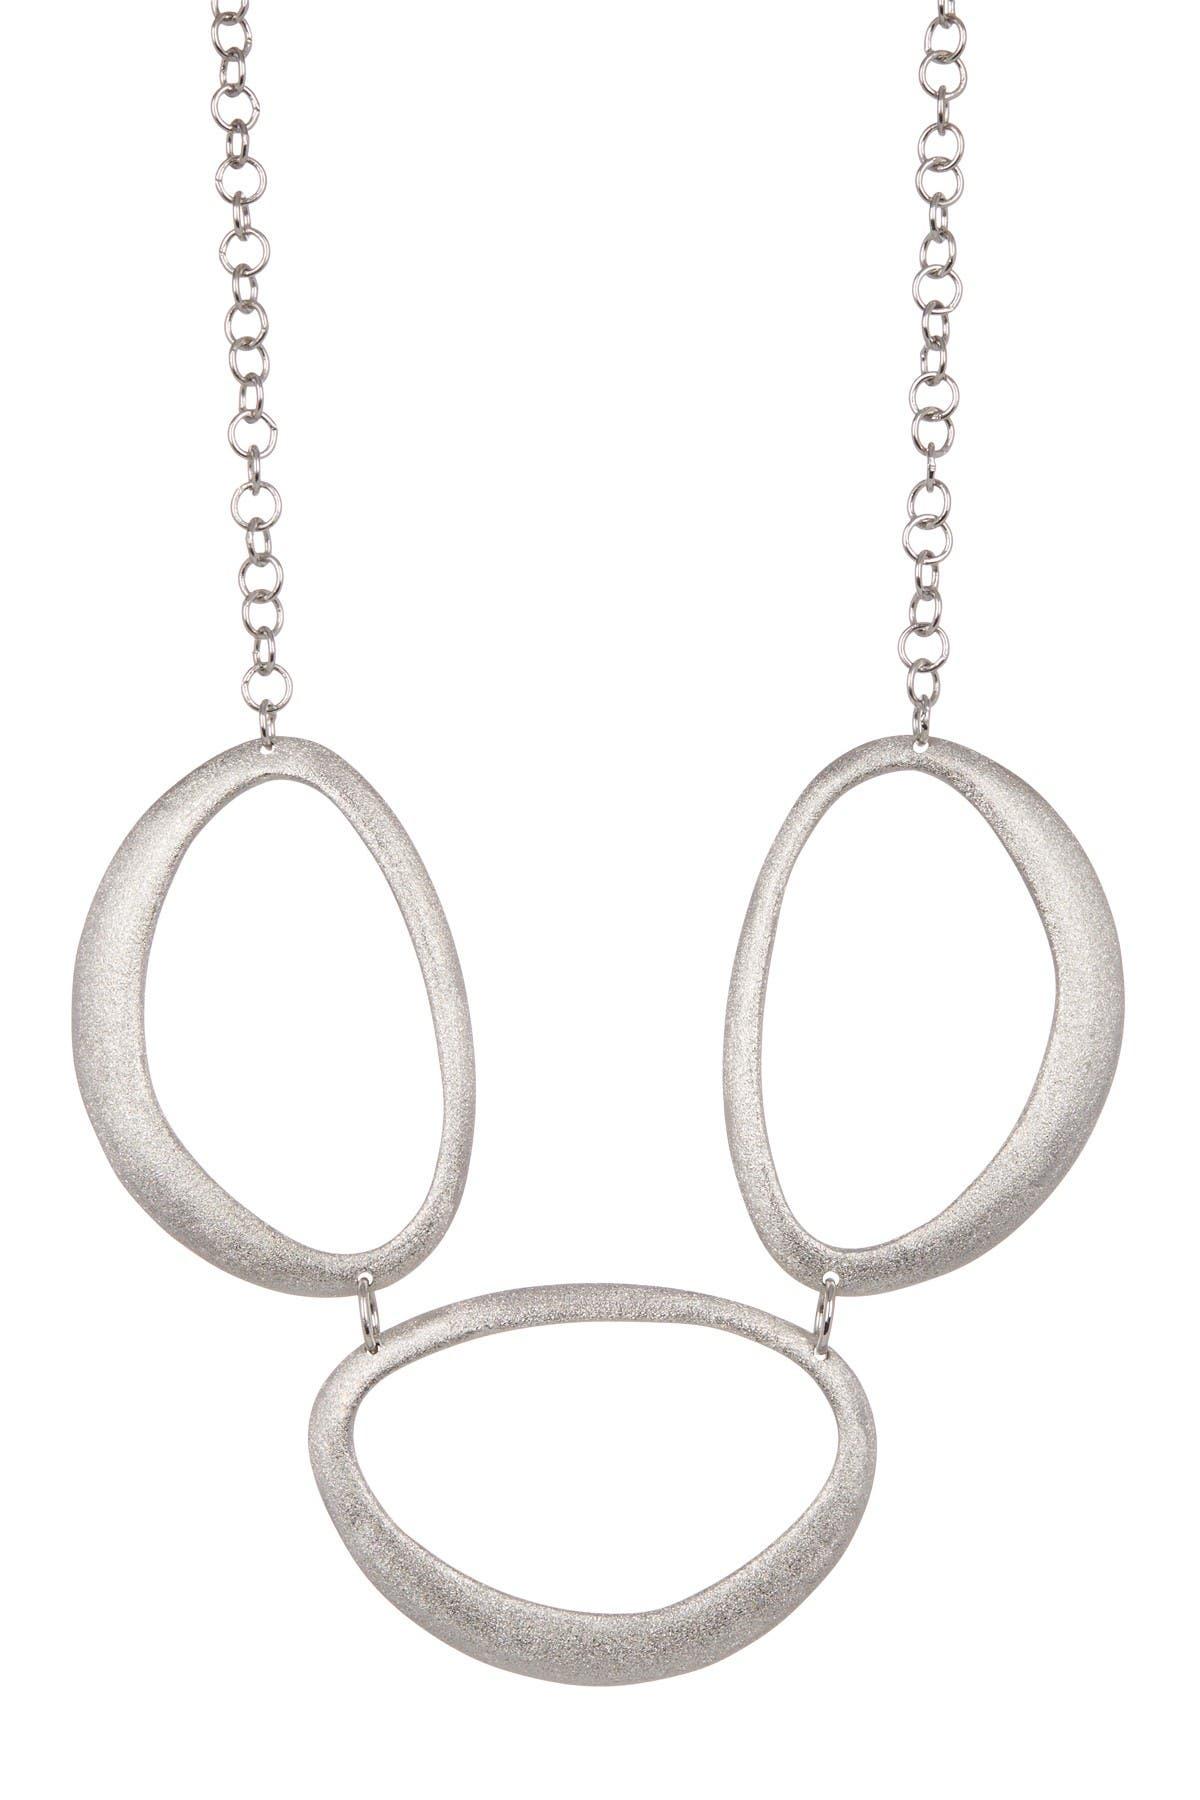 Image of Rivka Friedman Brushed Tri-Oval Station Necklace